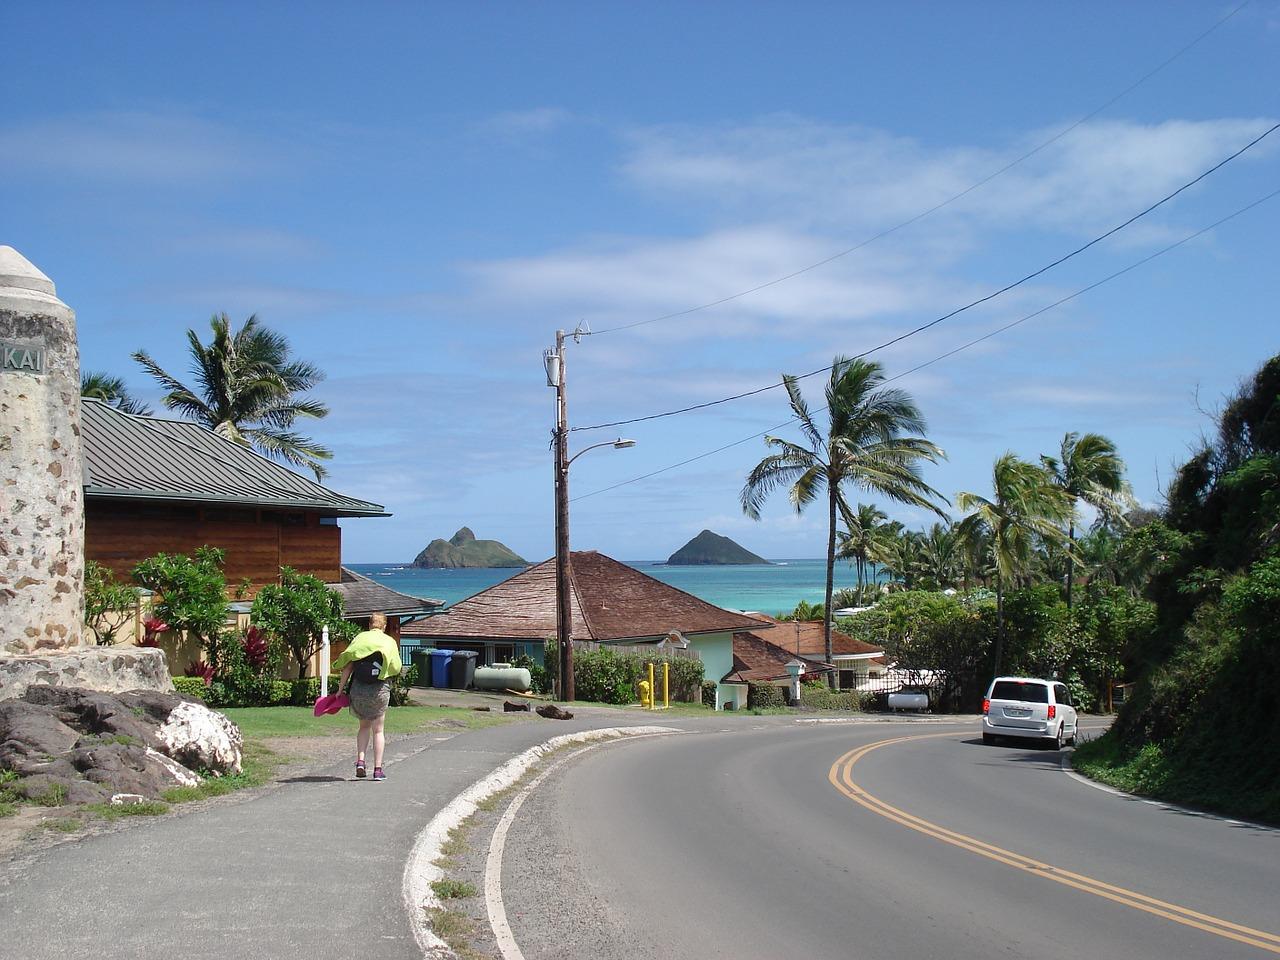 ハワイ・フーズマーケットの楽しみ方!お土産にもおすすめの商品が多数!